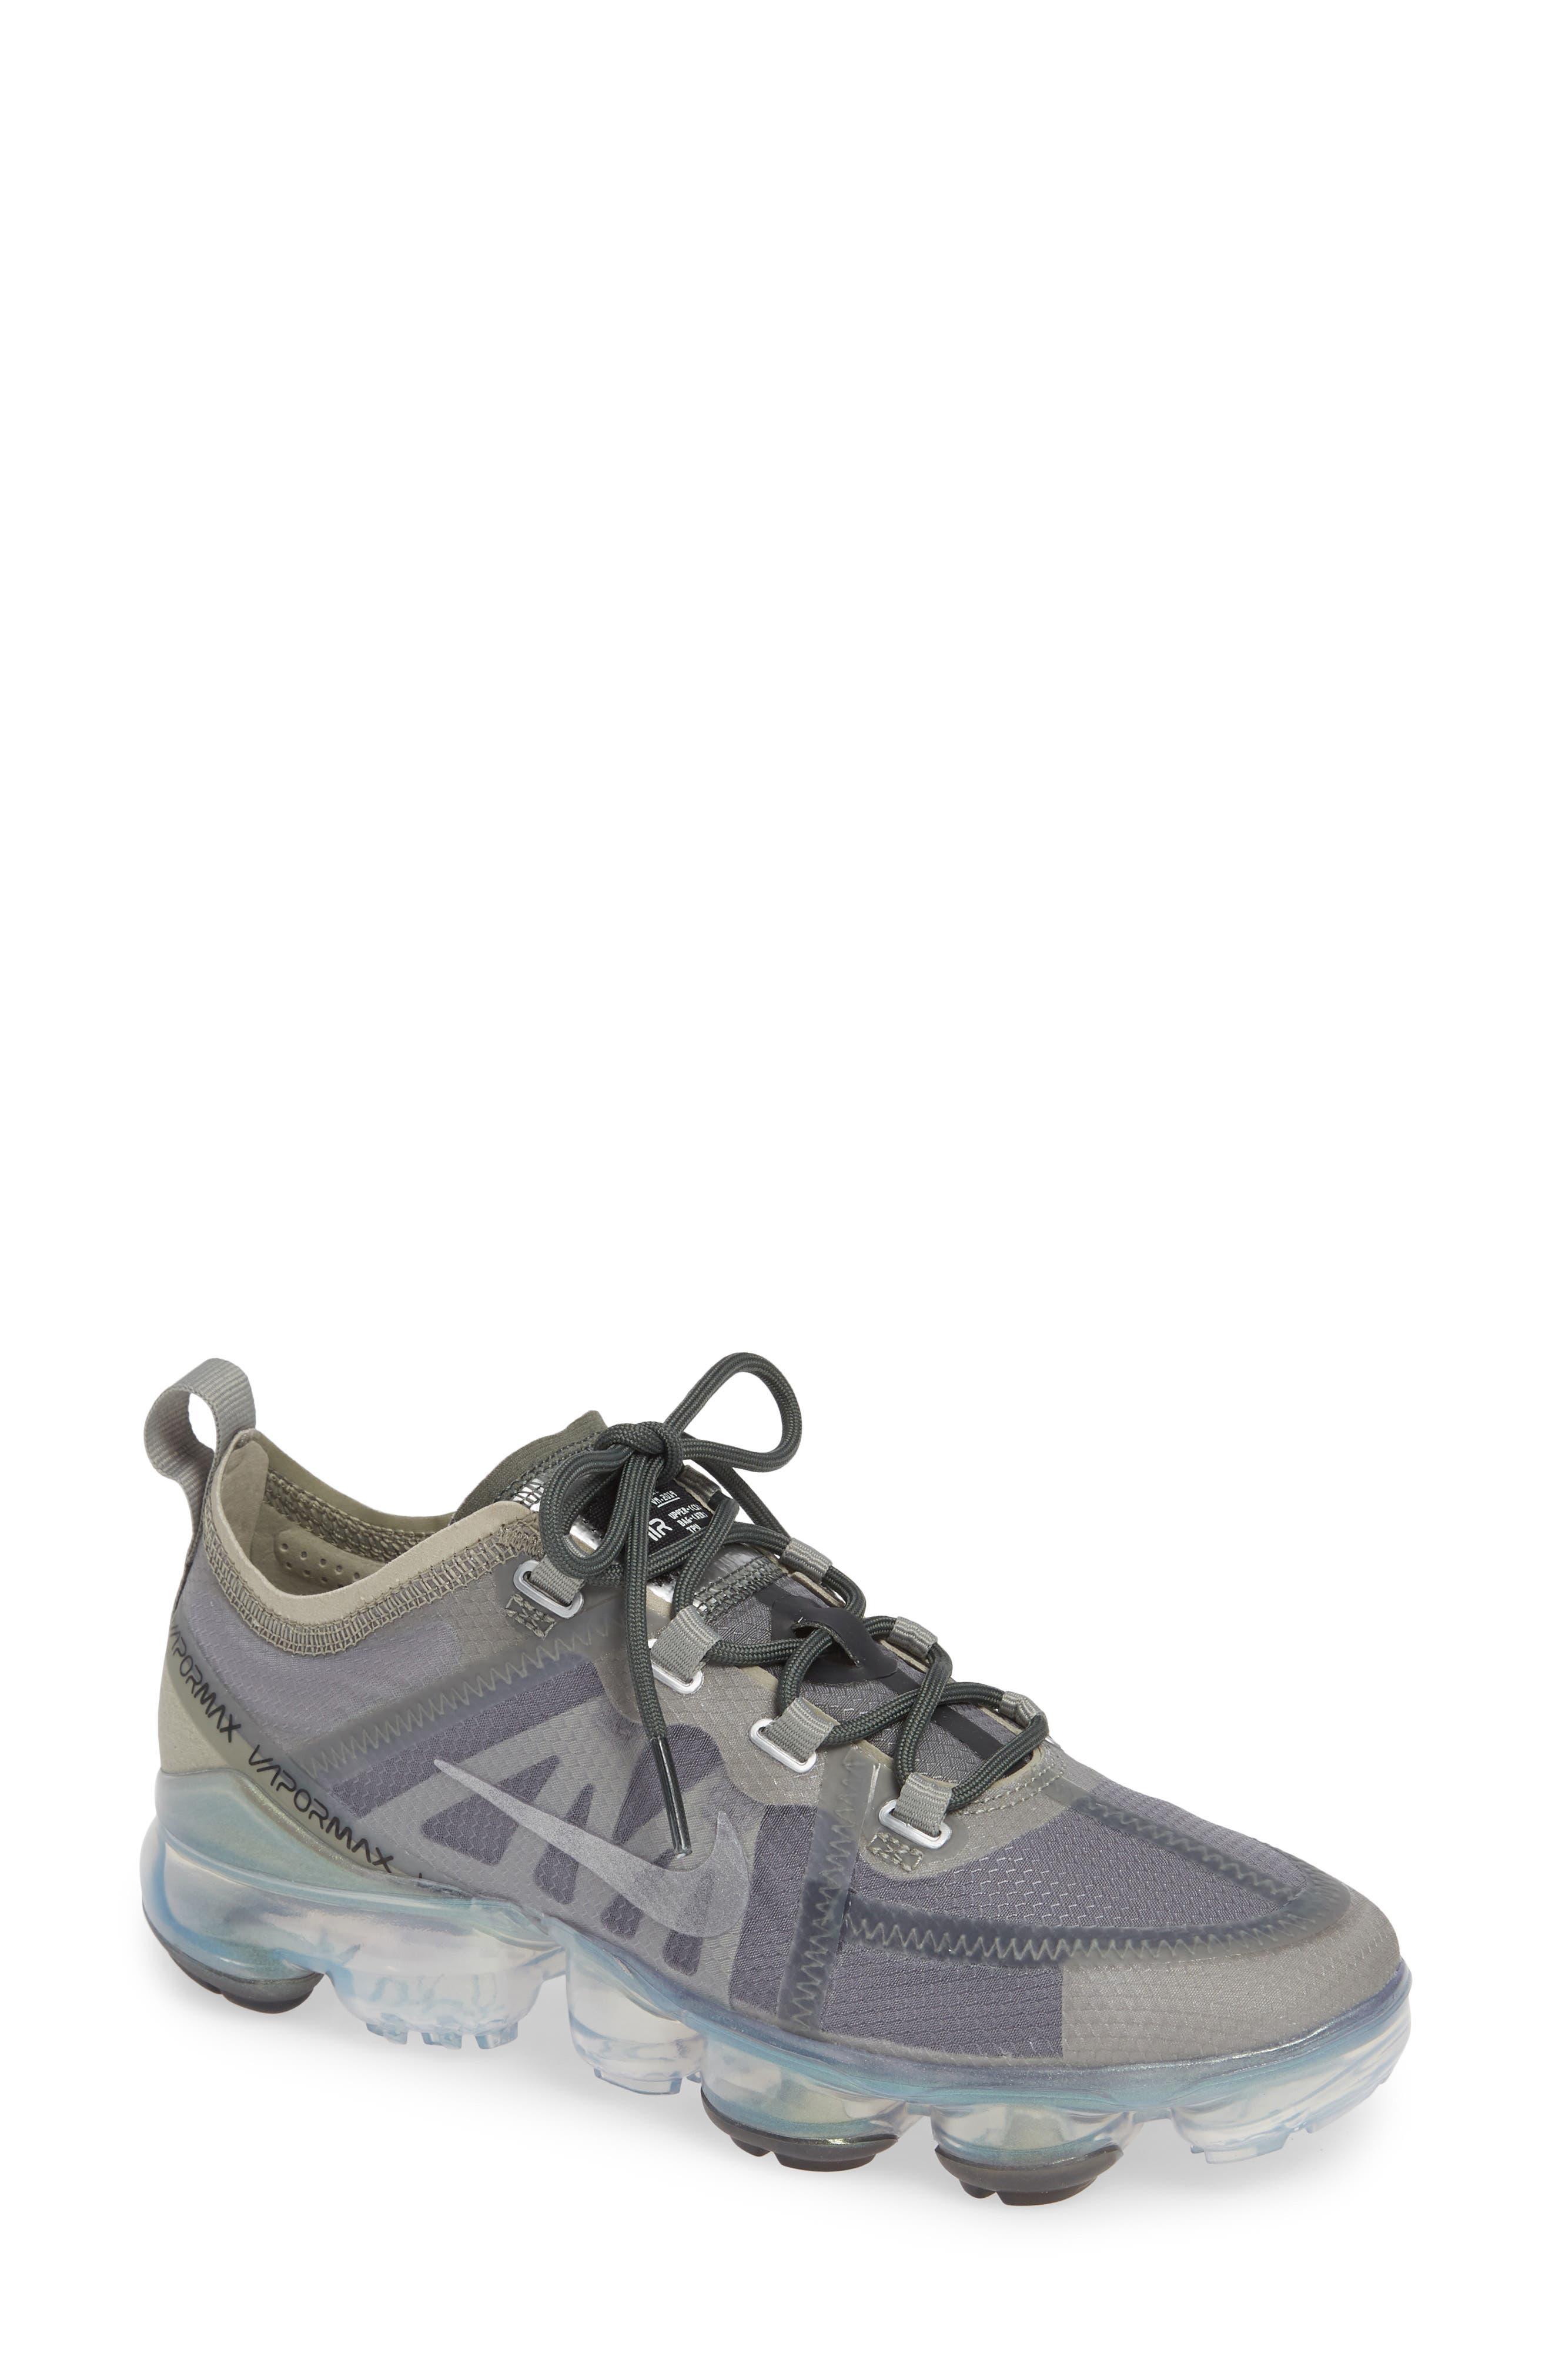 Nike   Air Vapormax 2019 Sneaker